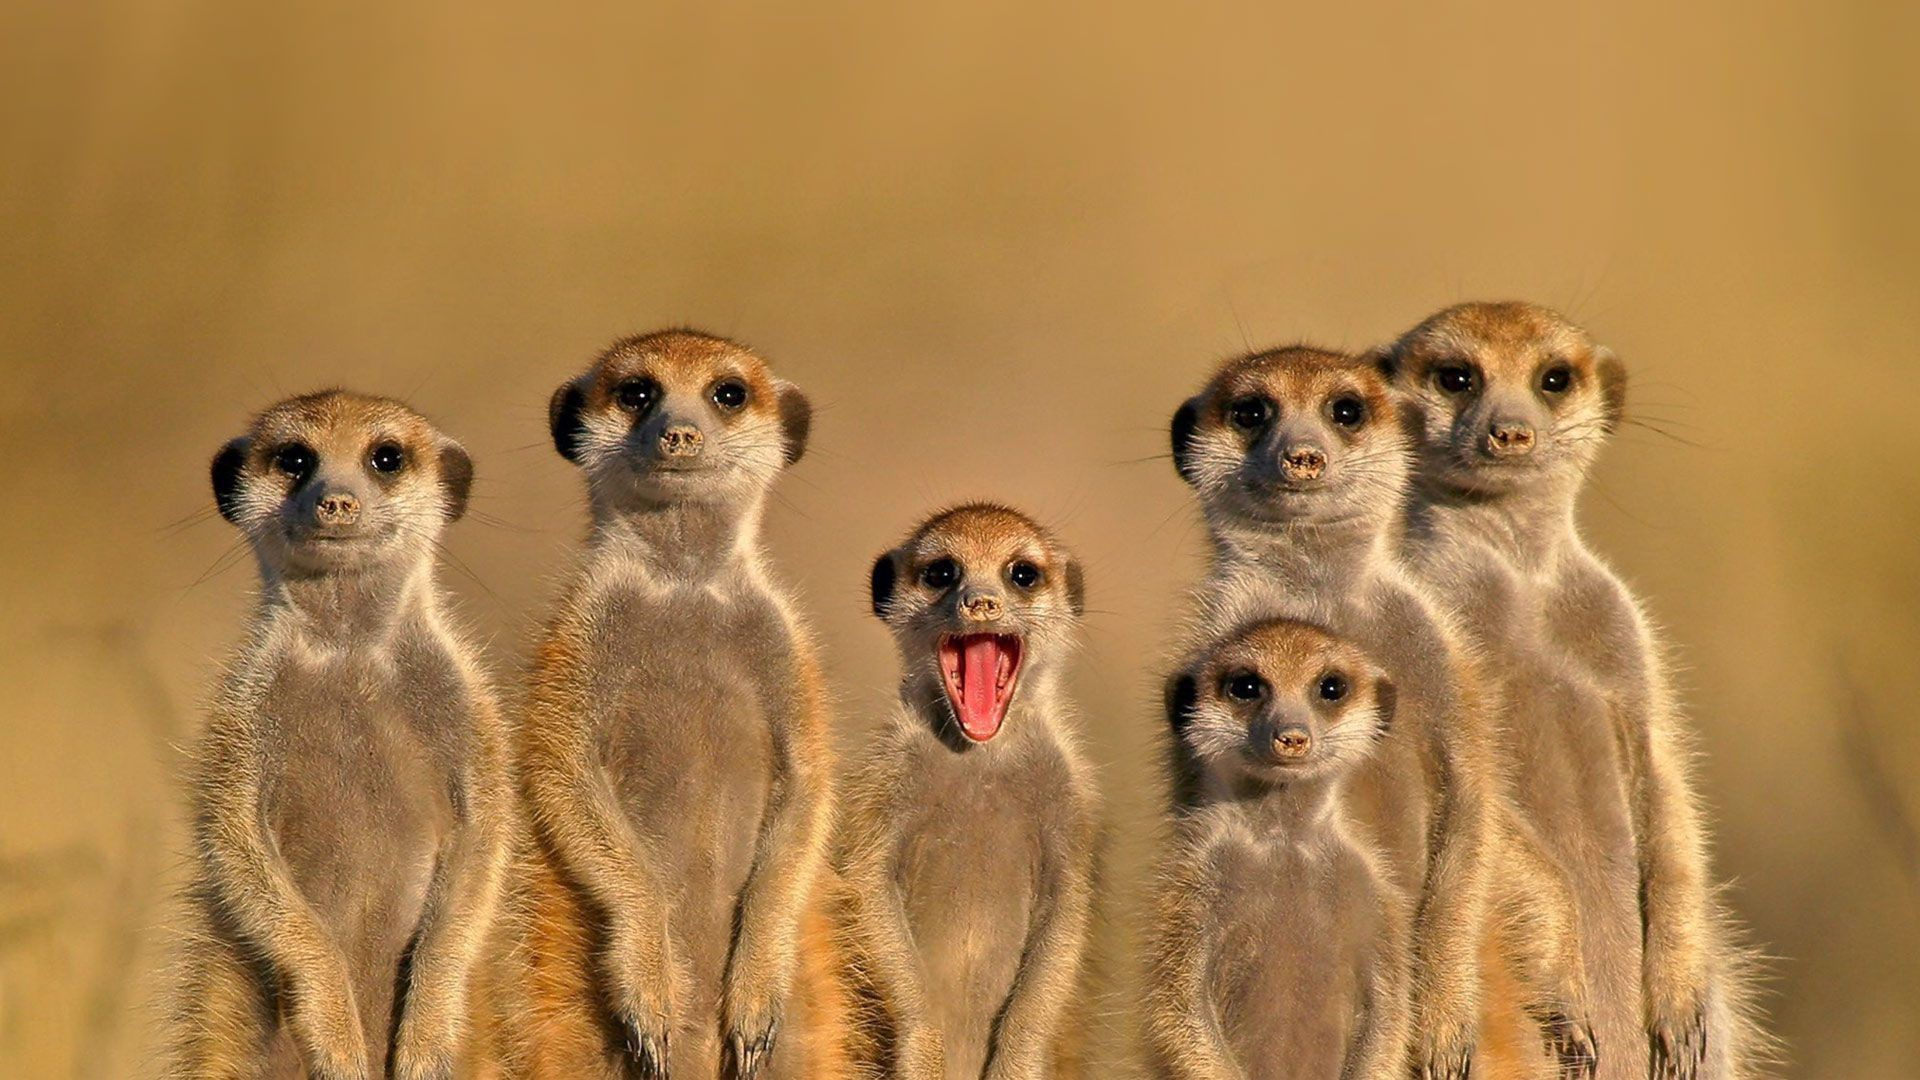 Meerkat HD